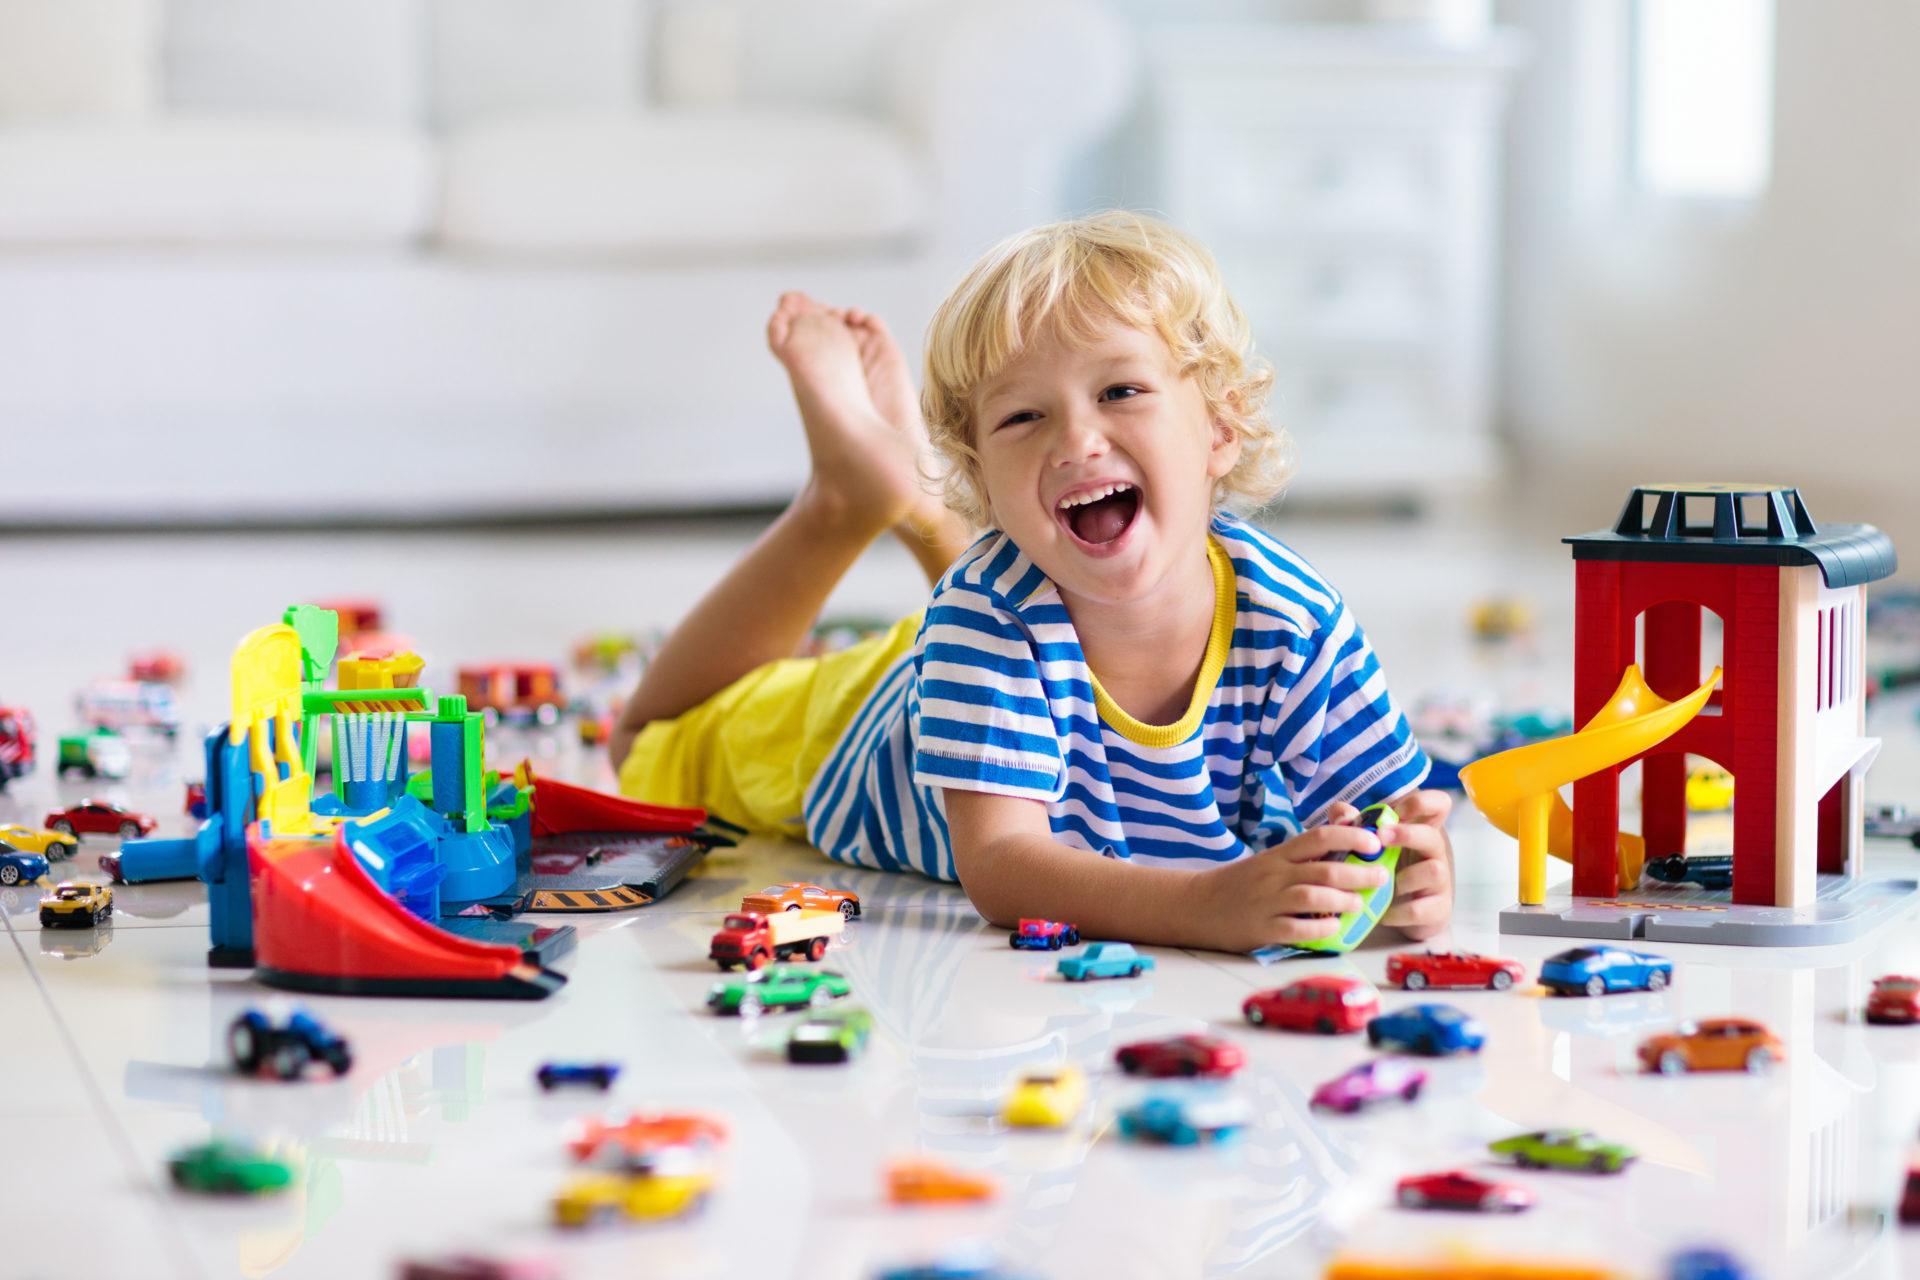 Jeu Eveil Enfant, Jouet Eveil Enfant, Cadeau D'eveil Pour avec Jouet Pour Garçon De 4 Ans